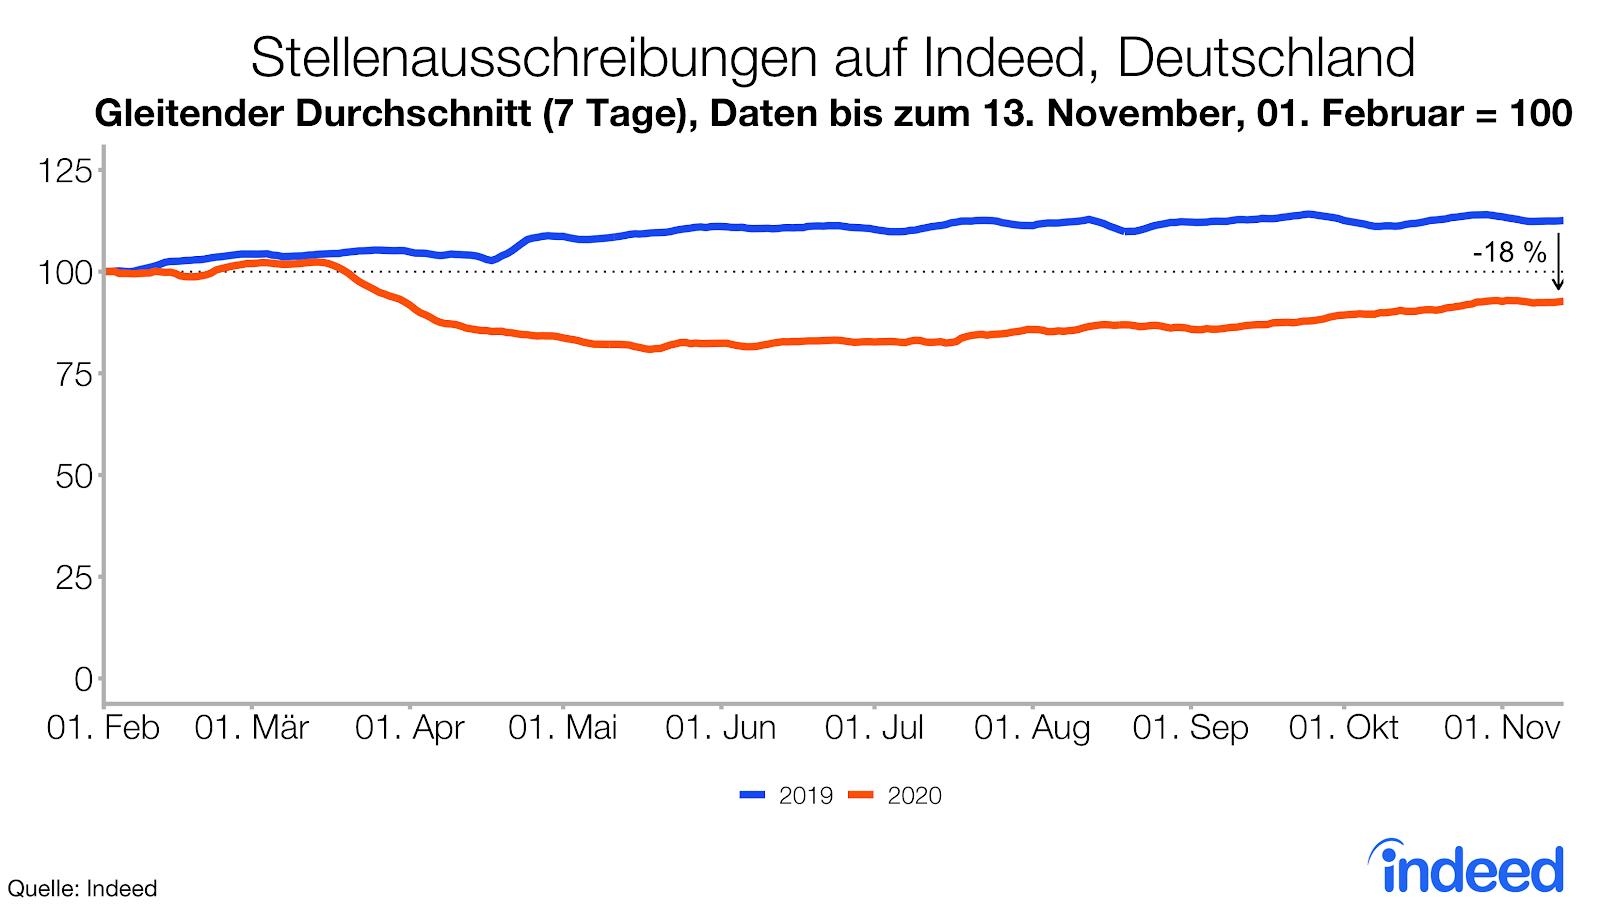 Gleitender 7-Tage-Durchschnitt für Stellenausschreiben auf Indeed in Deutschland